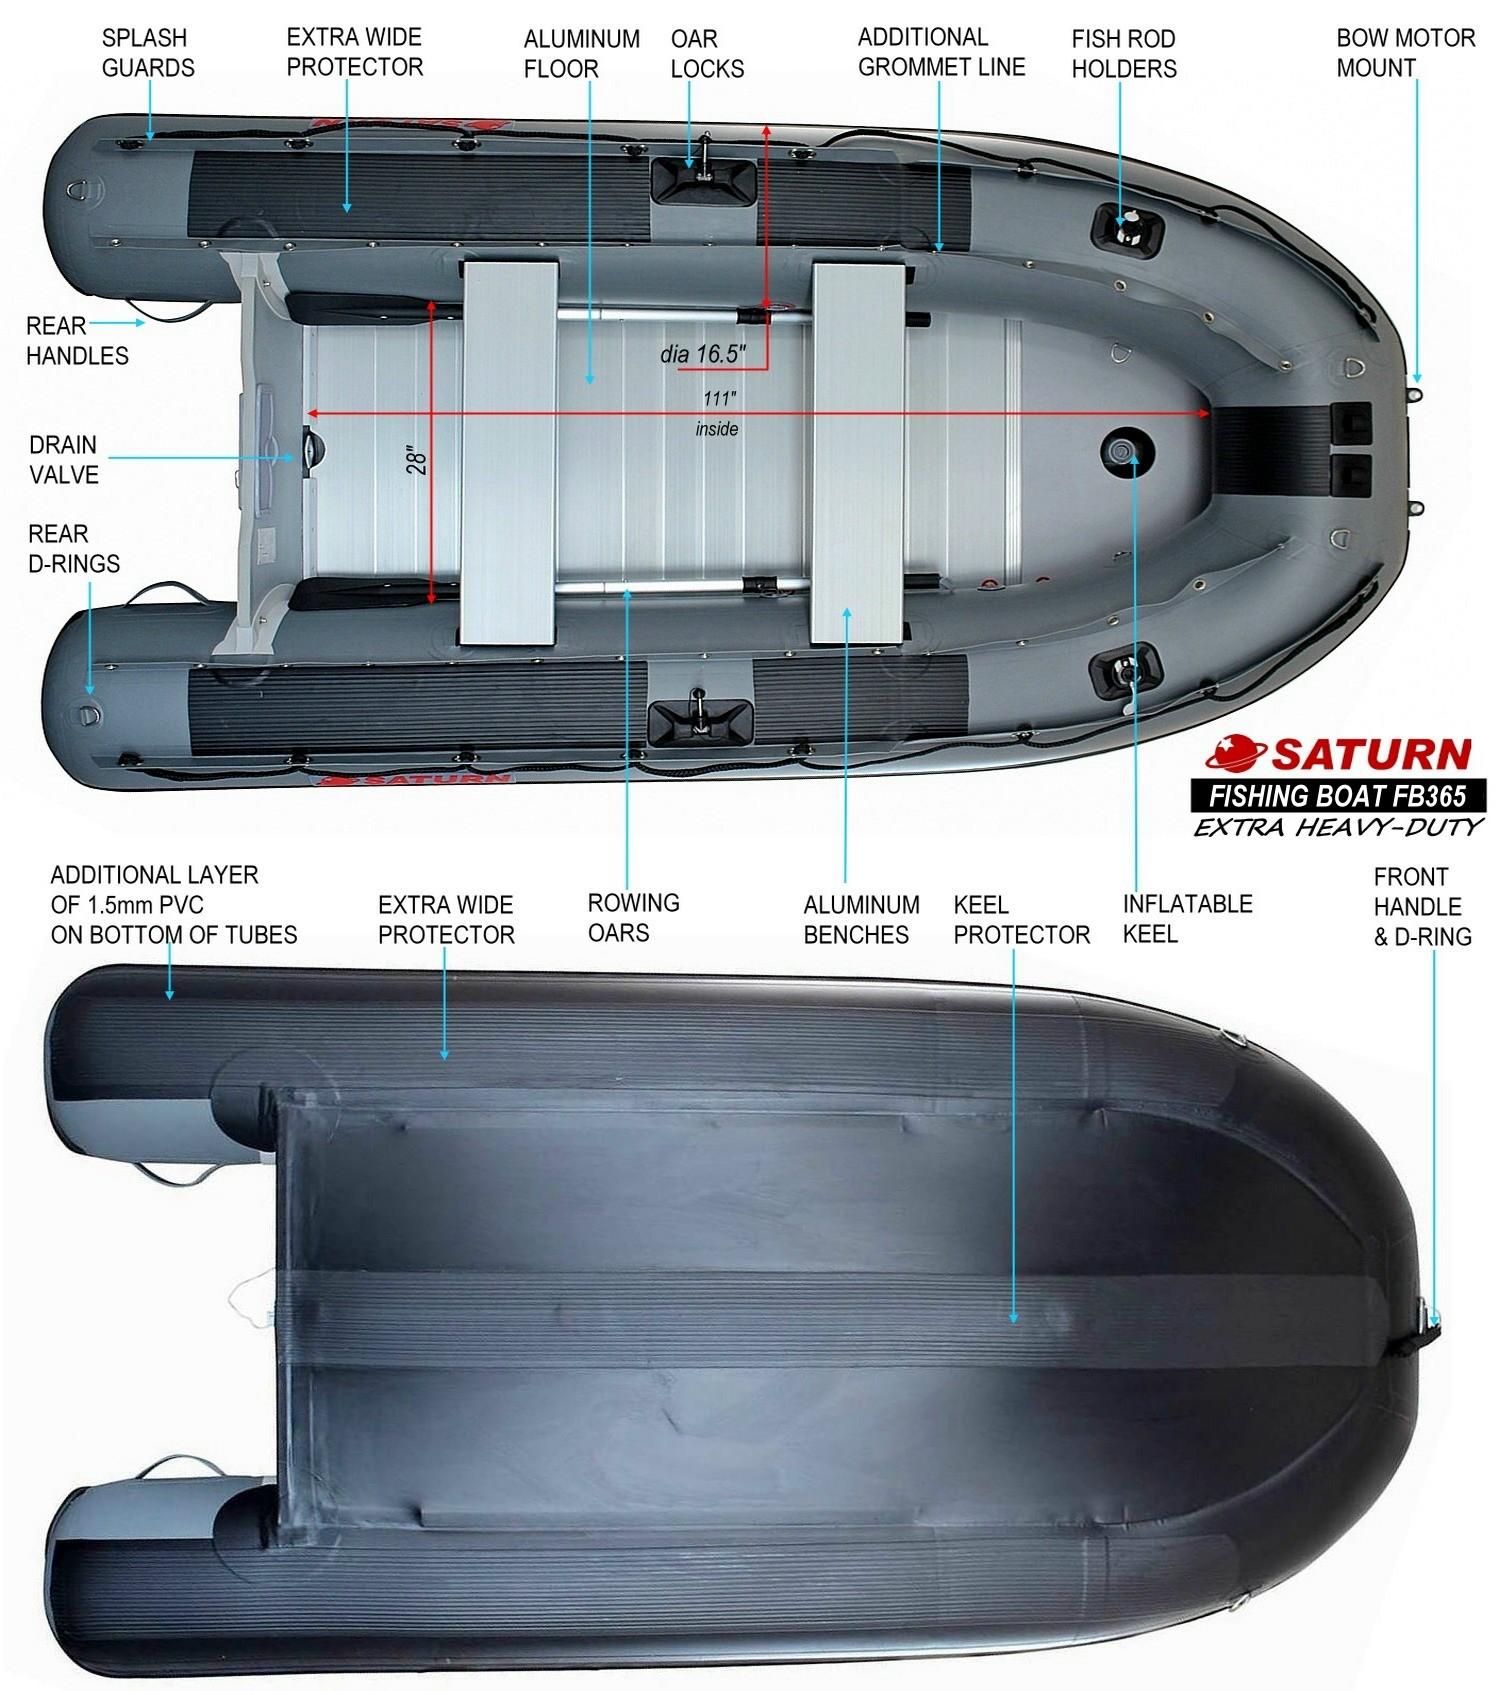 12' Saturn Fishing Boat